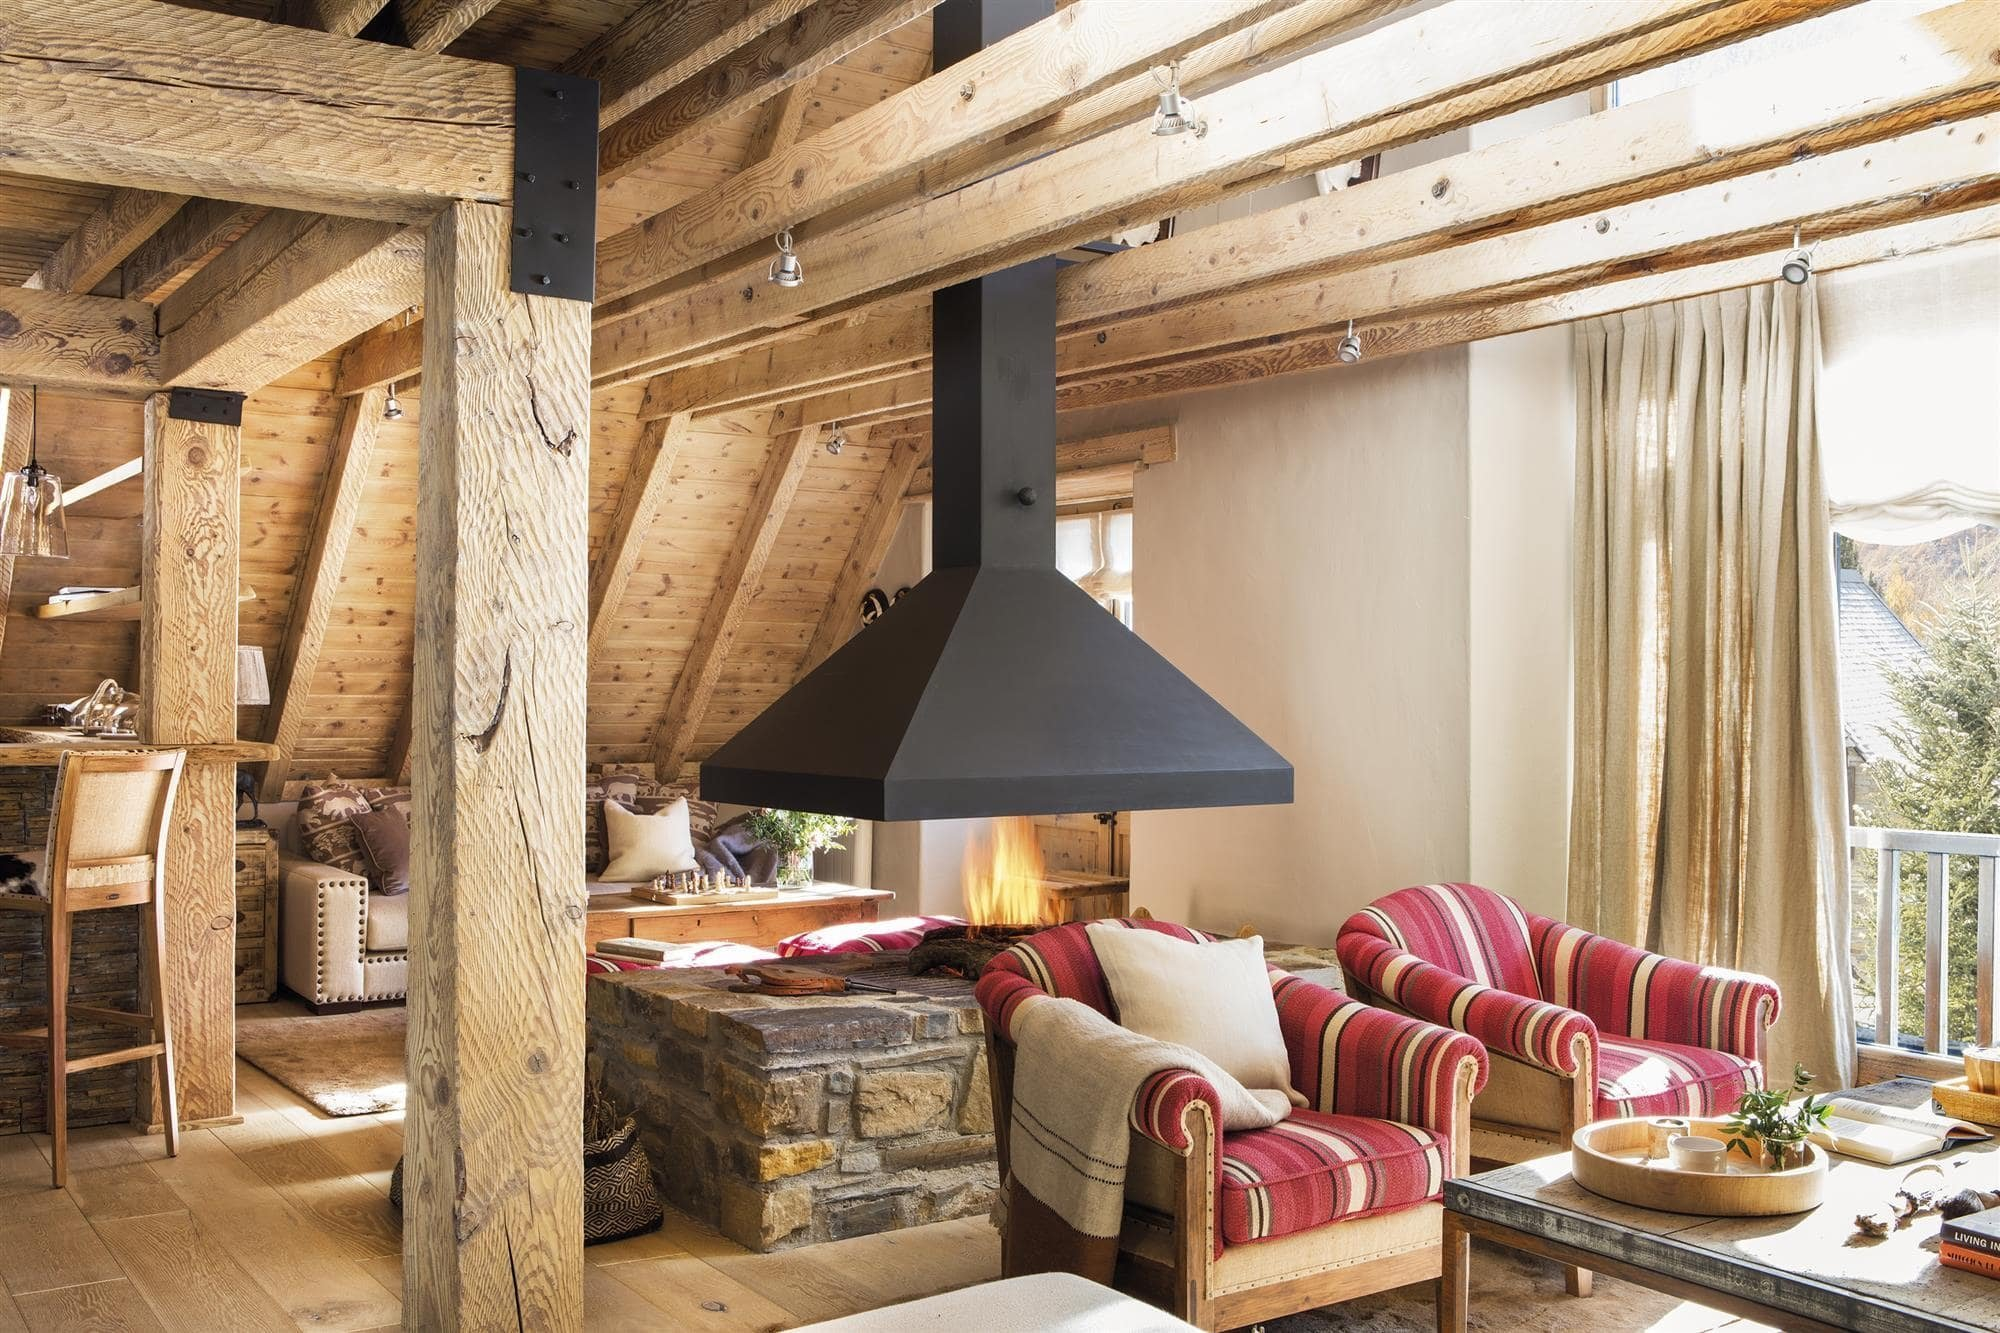 Katalánské údolí Arán ukrývá chalupu s působivou architekturou i interiérovým designem. Ta skýtá dechberoucí výhledy na vrcholky zasněžených hor a je dokonalou oázou tepla, klidu a soukromí. Její hlavní devizou je hojné využití přírodních materiálů a také velmi přitažlivá kombinace barev.